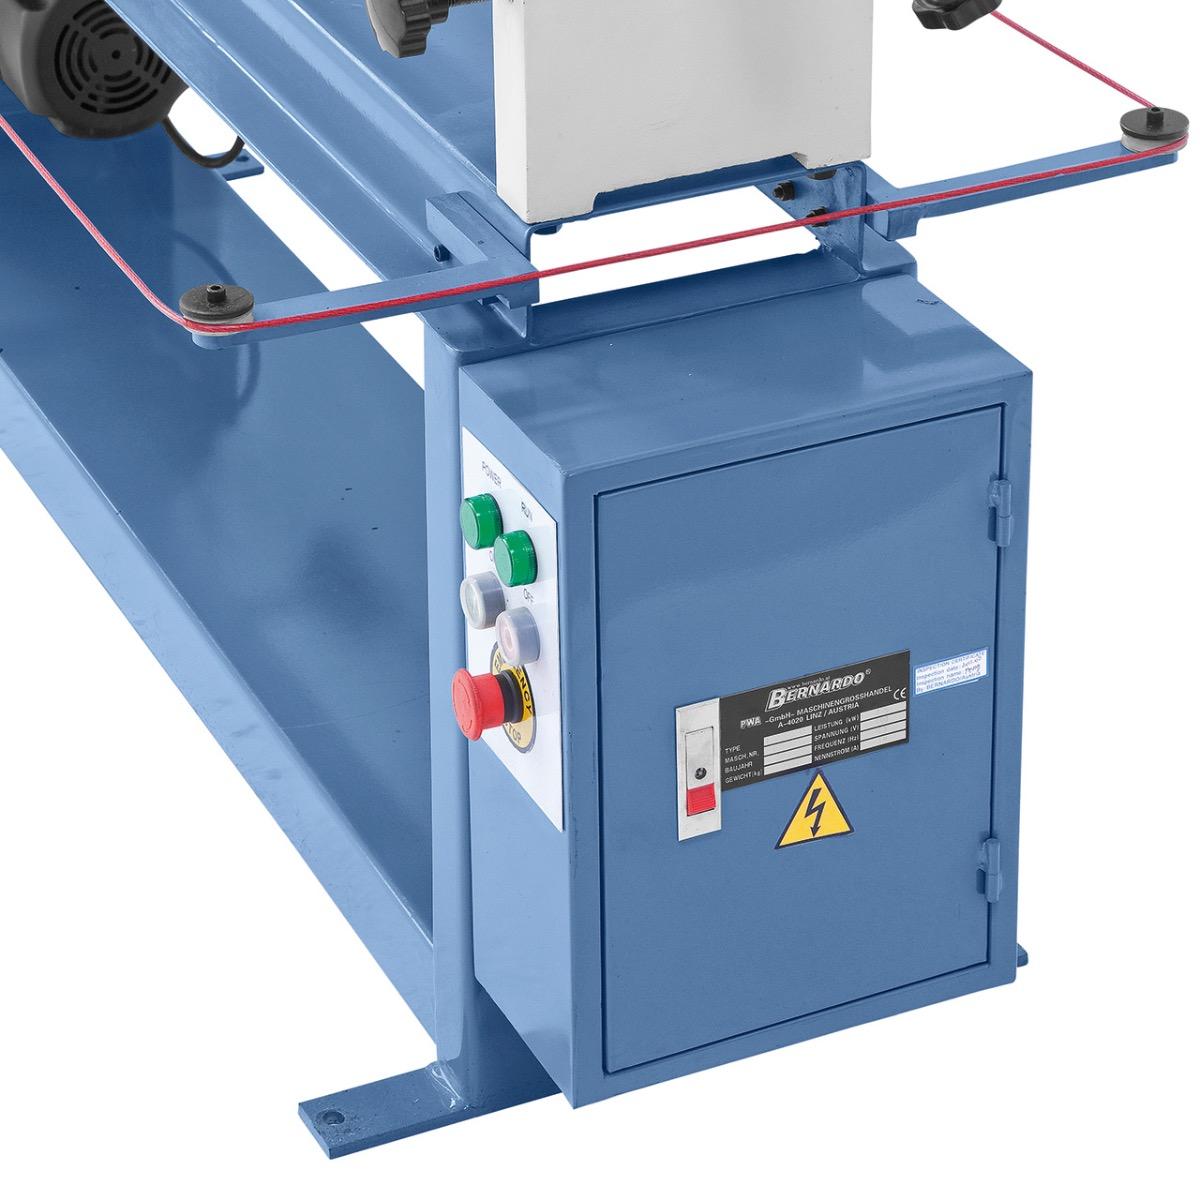 Übersichtlich angebrachte Schalt- und Bedienelemente seitlich am Maschinenkörper.